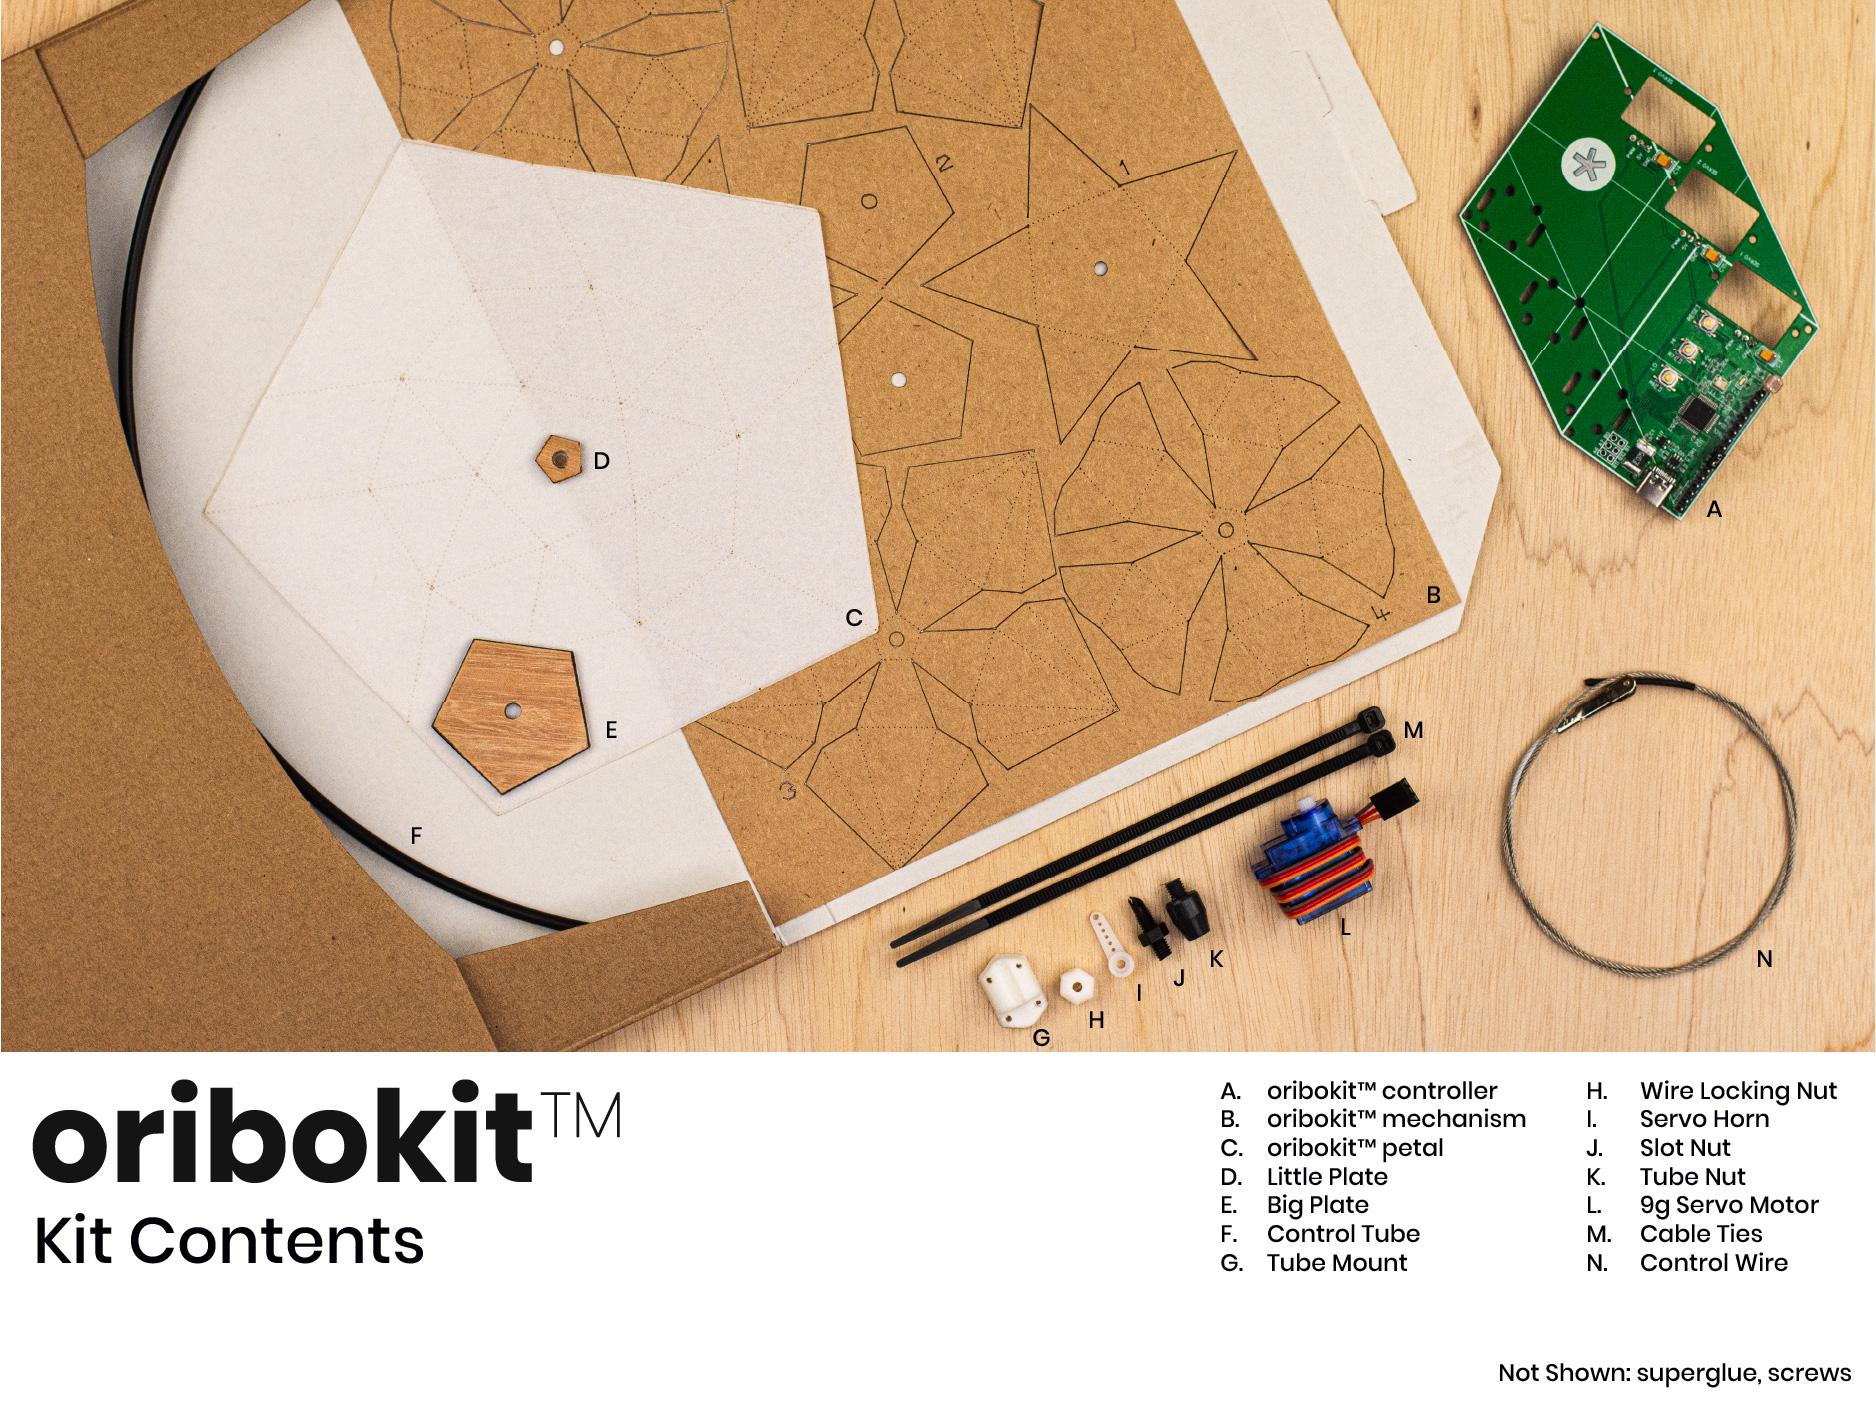 Oribokit Contents